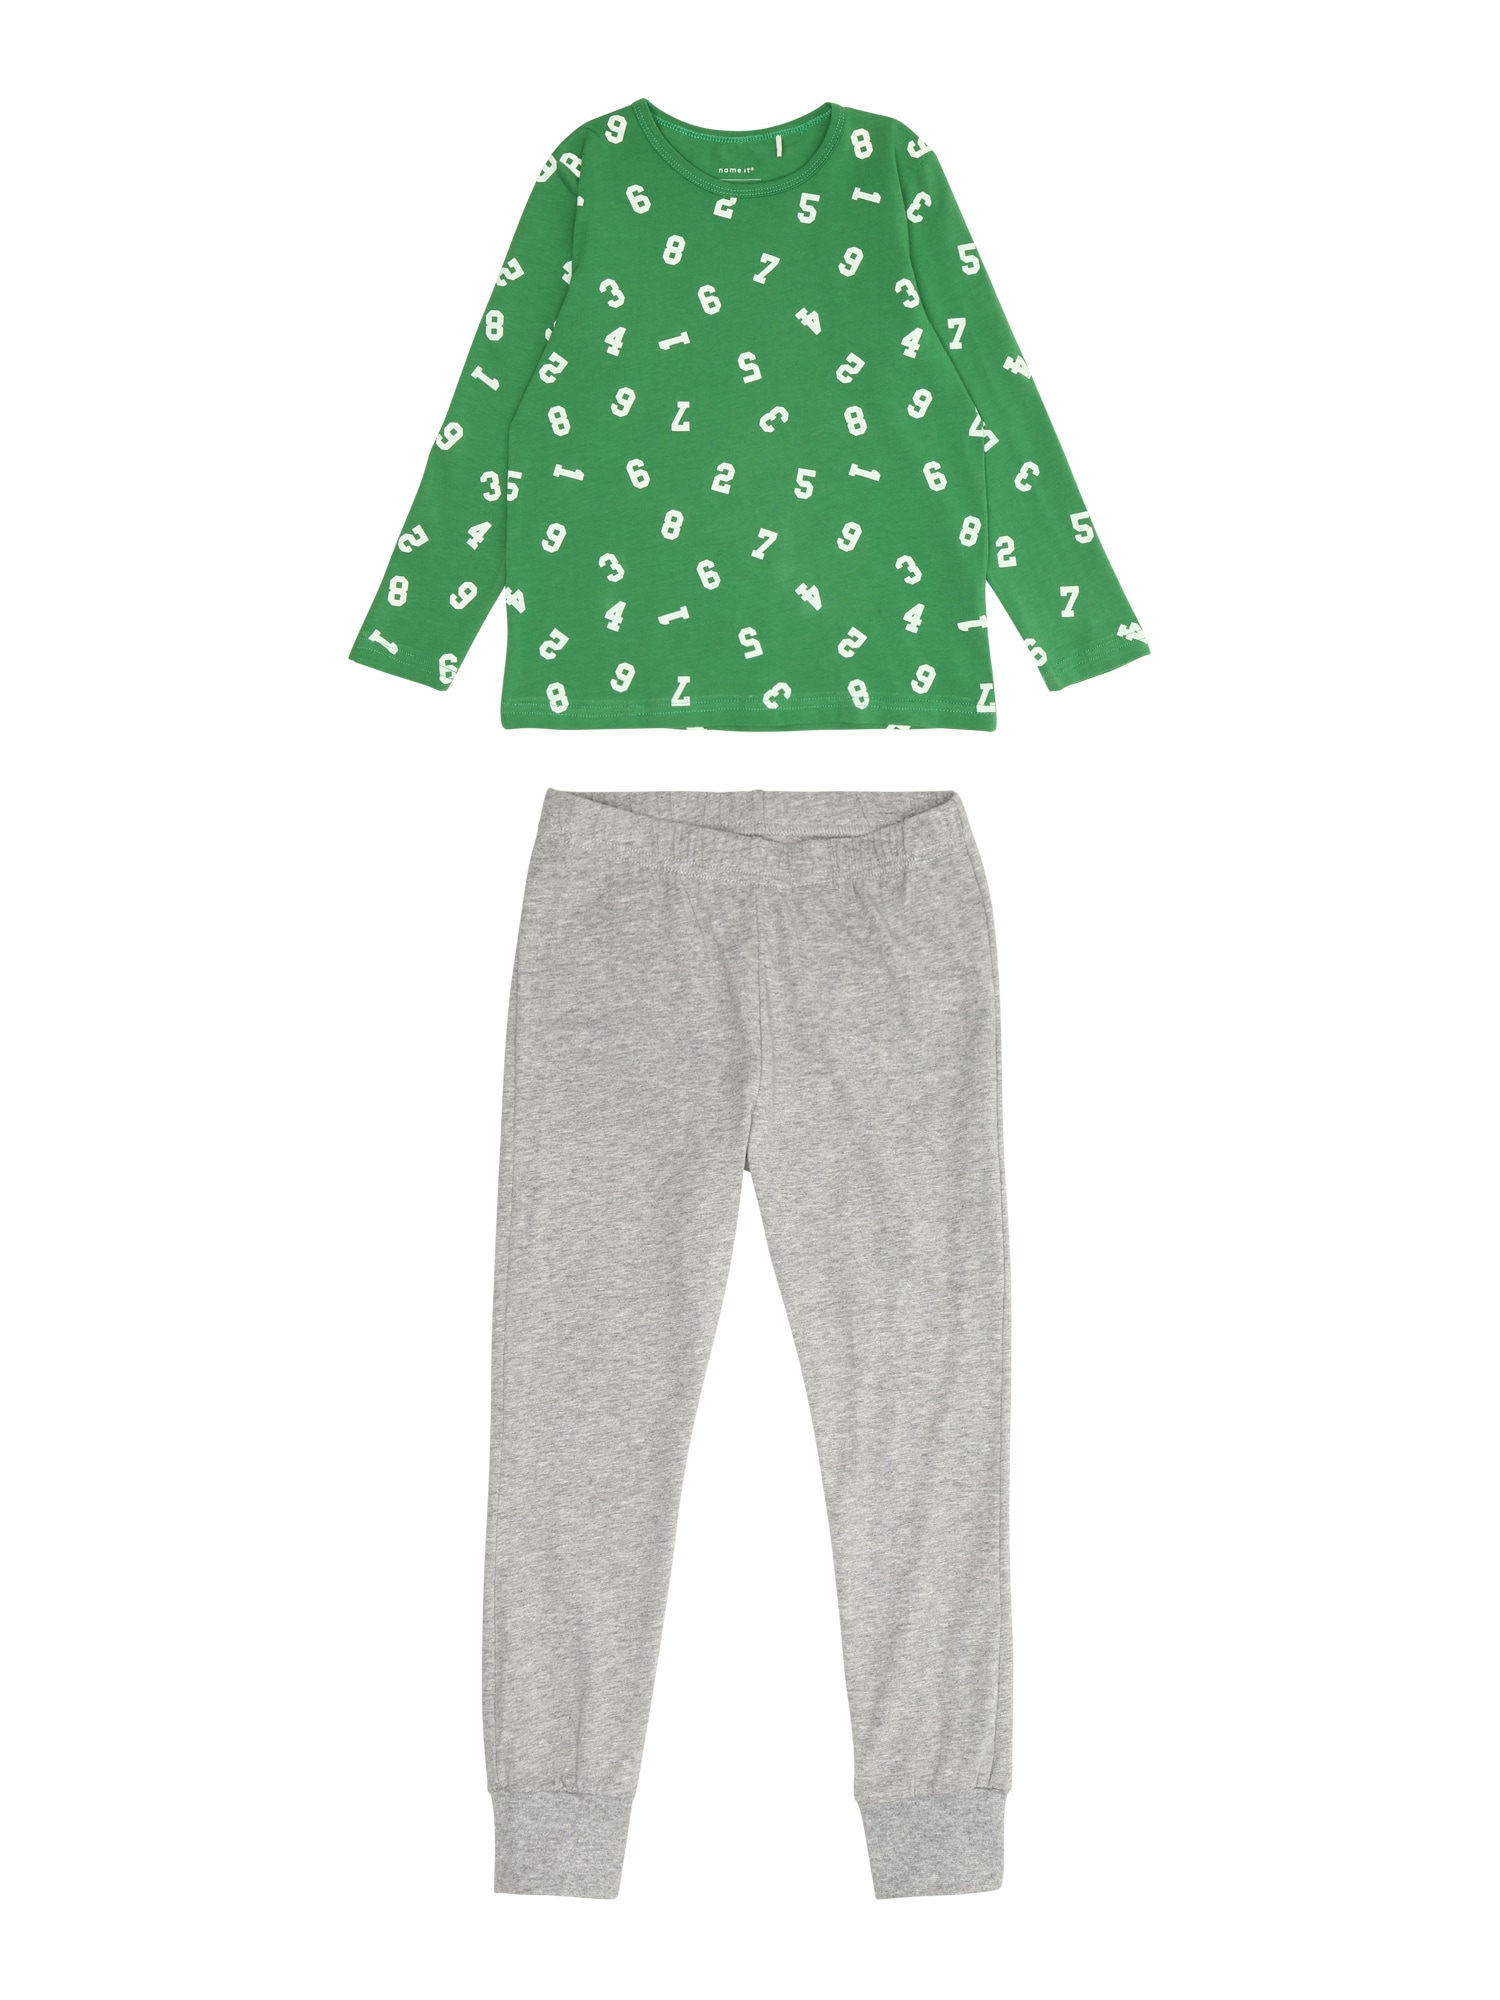 Pyžamo grau grün NAME IT